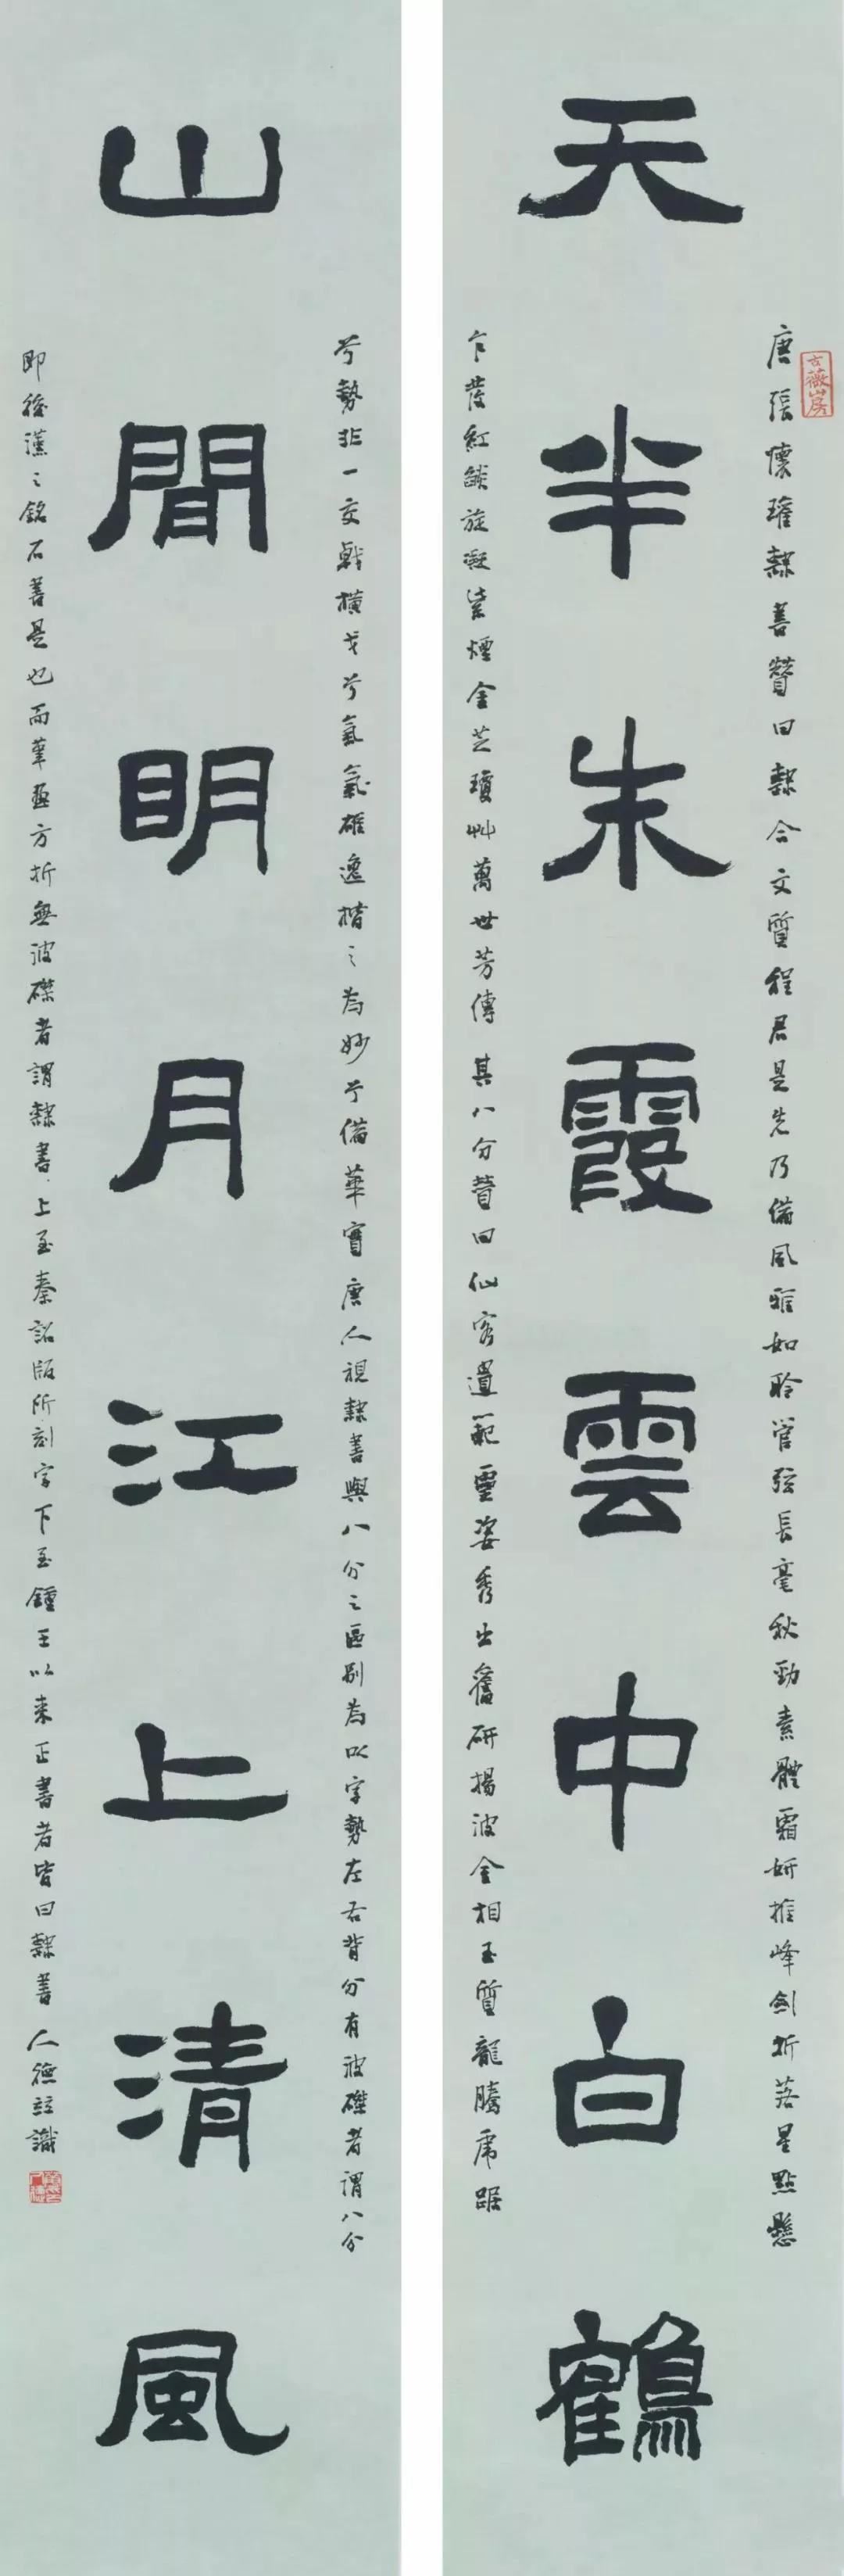 华人德  天半、山间八言联 隶书 108 x 17 x 2cm 纸本 2017